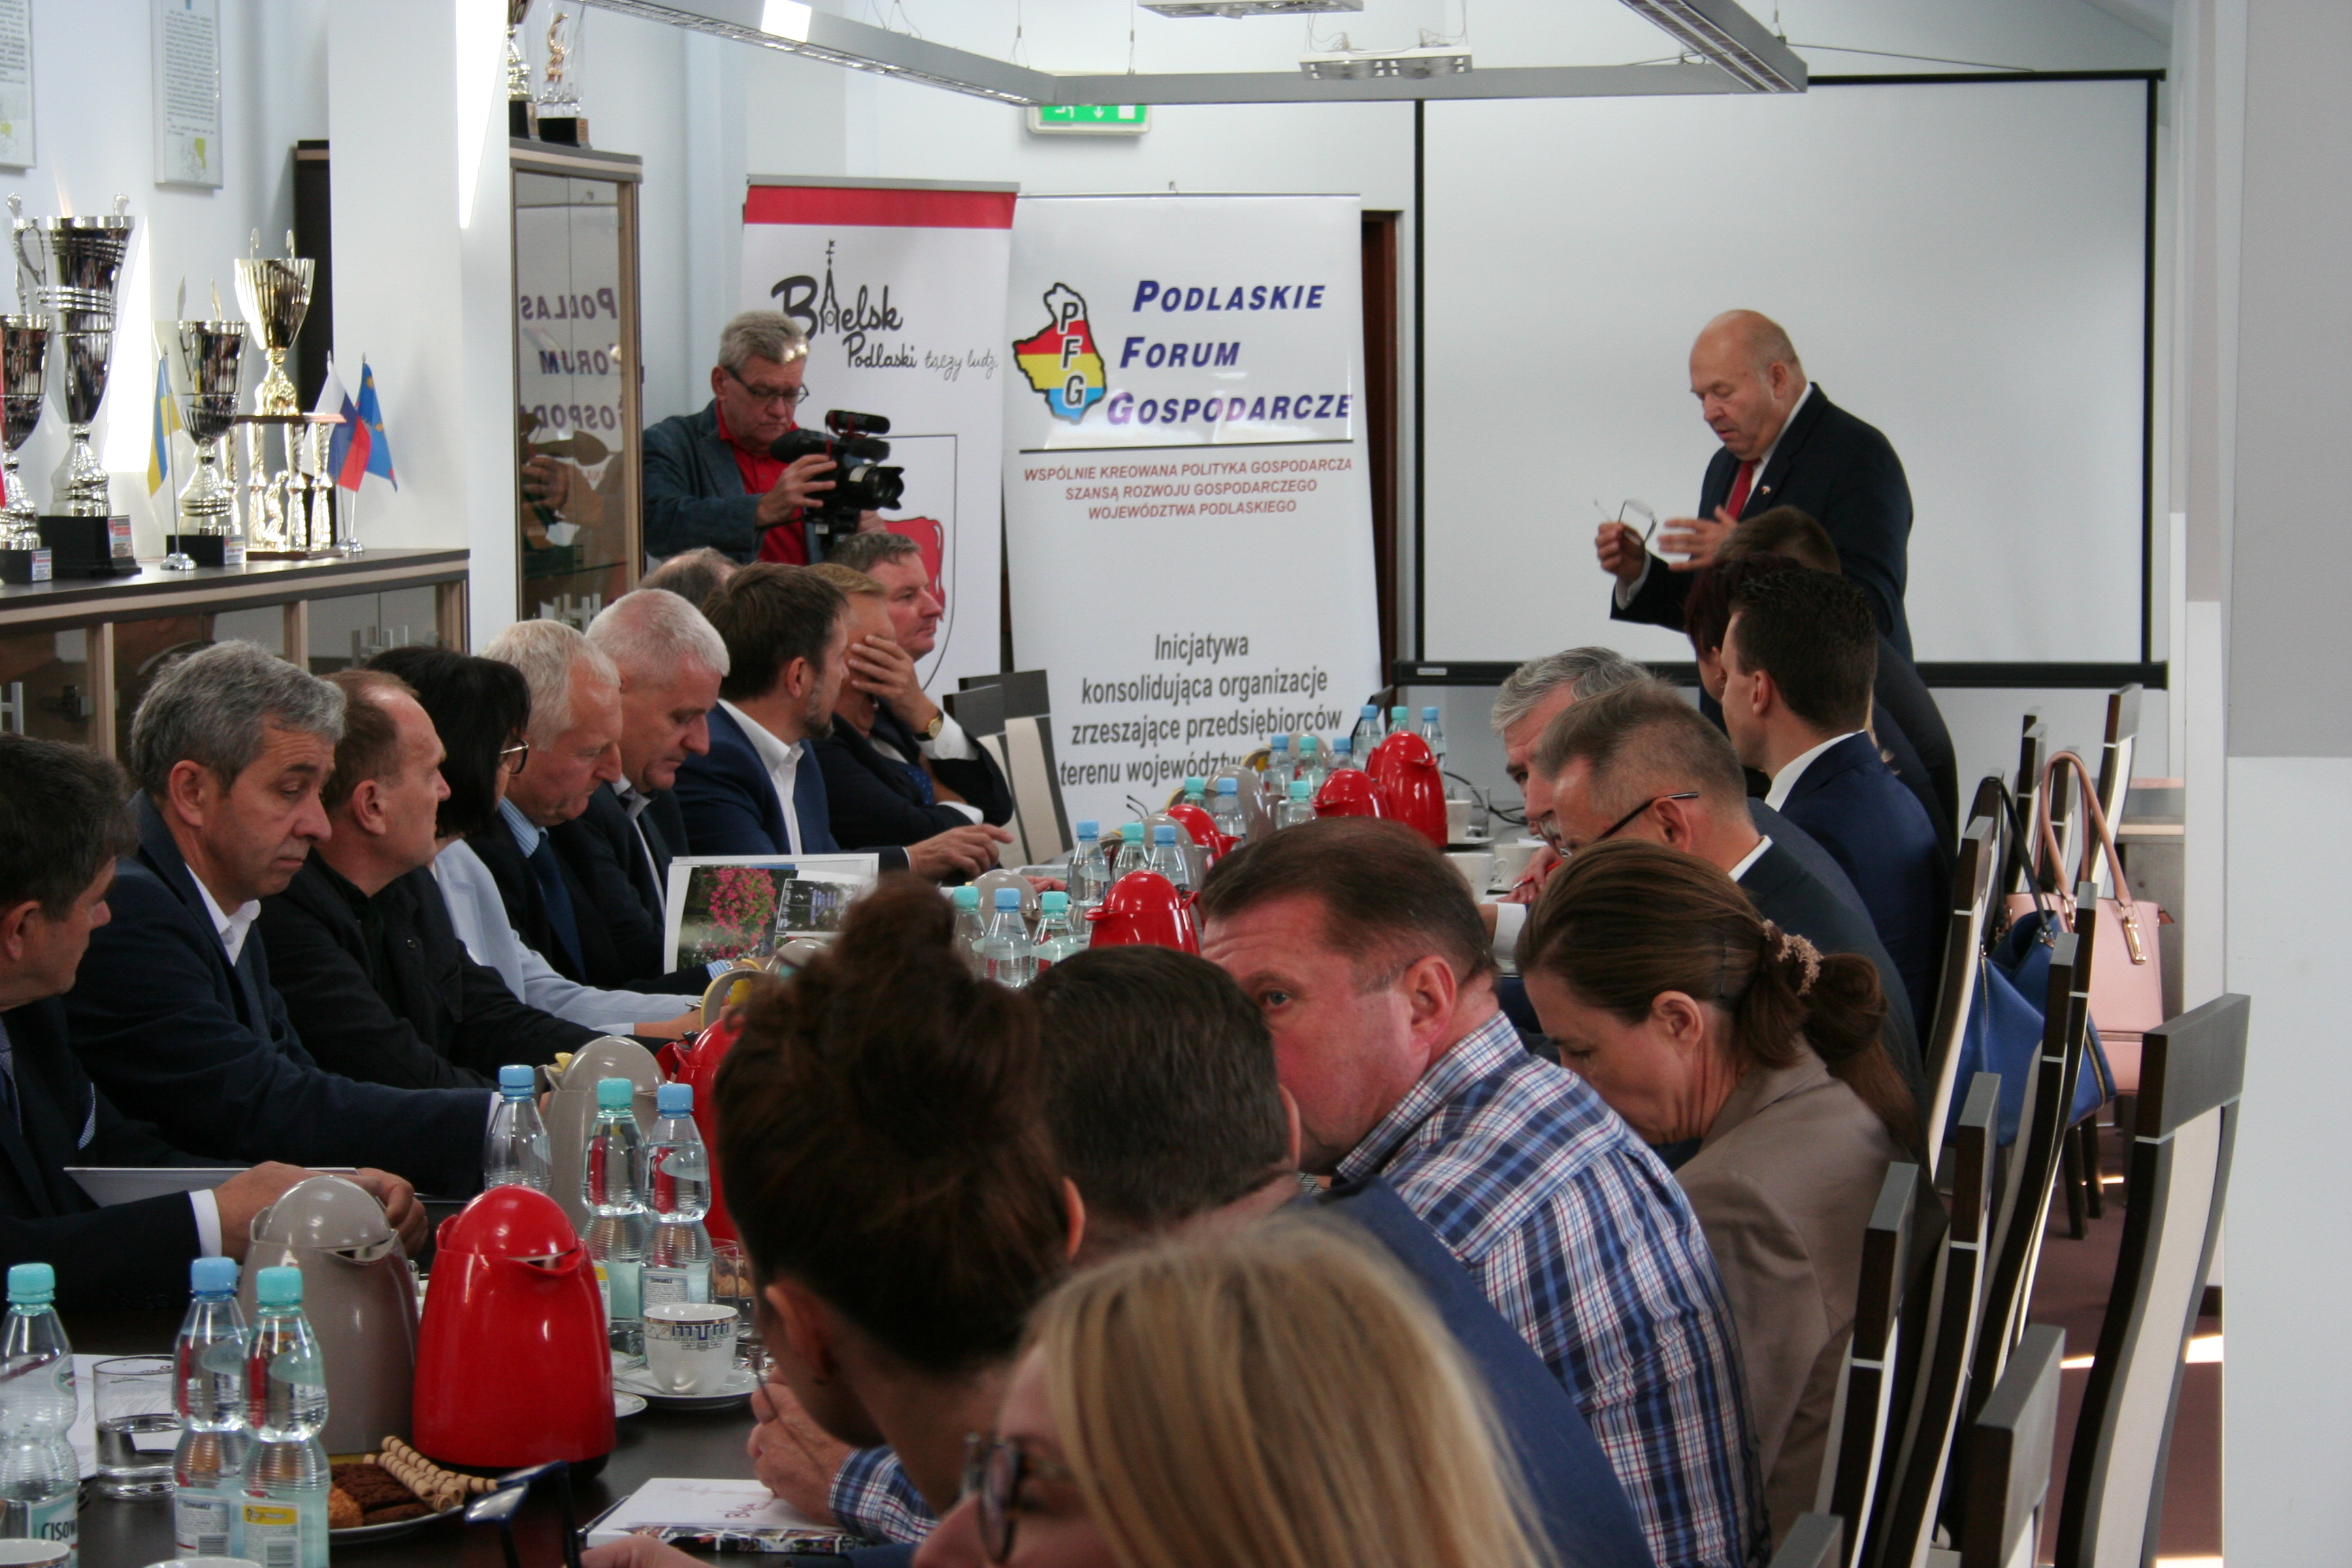 Wyjazdowe posiedzenie Podlaskiego Forum Gospodarczego w Bielsku Podlaskim w dn. 26.09.2018 – fotorelacja